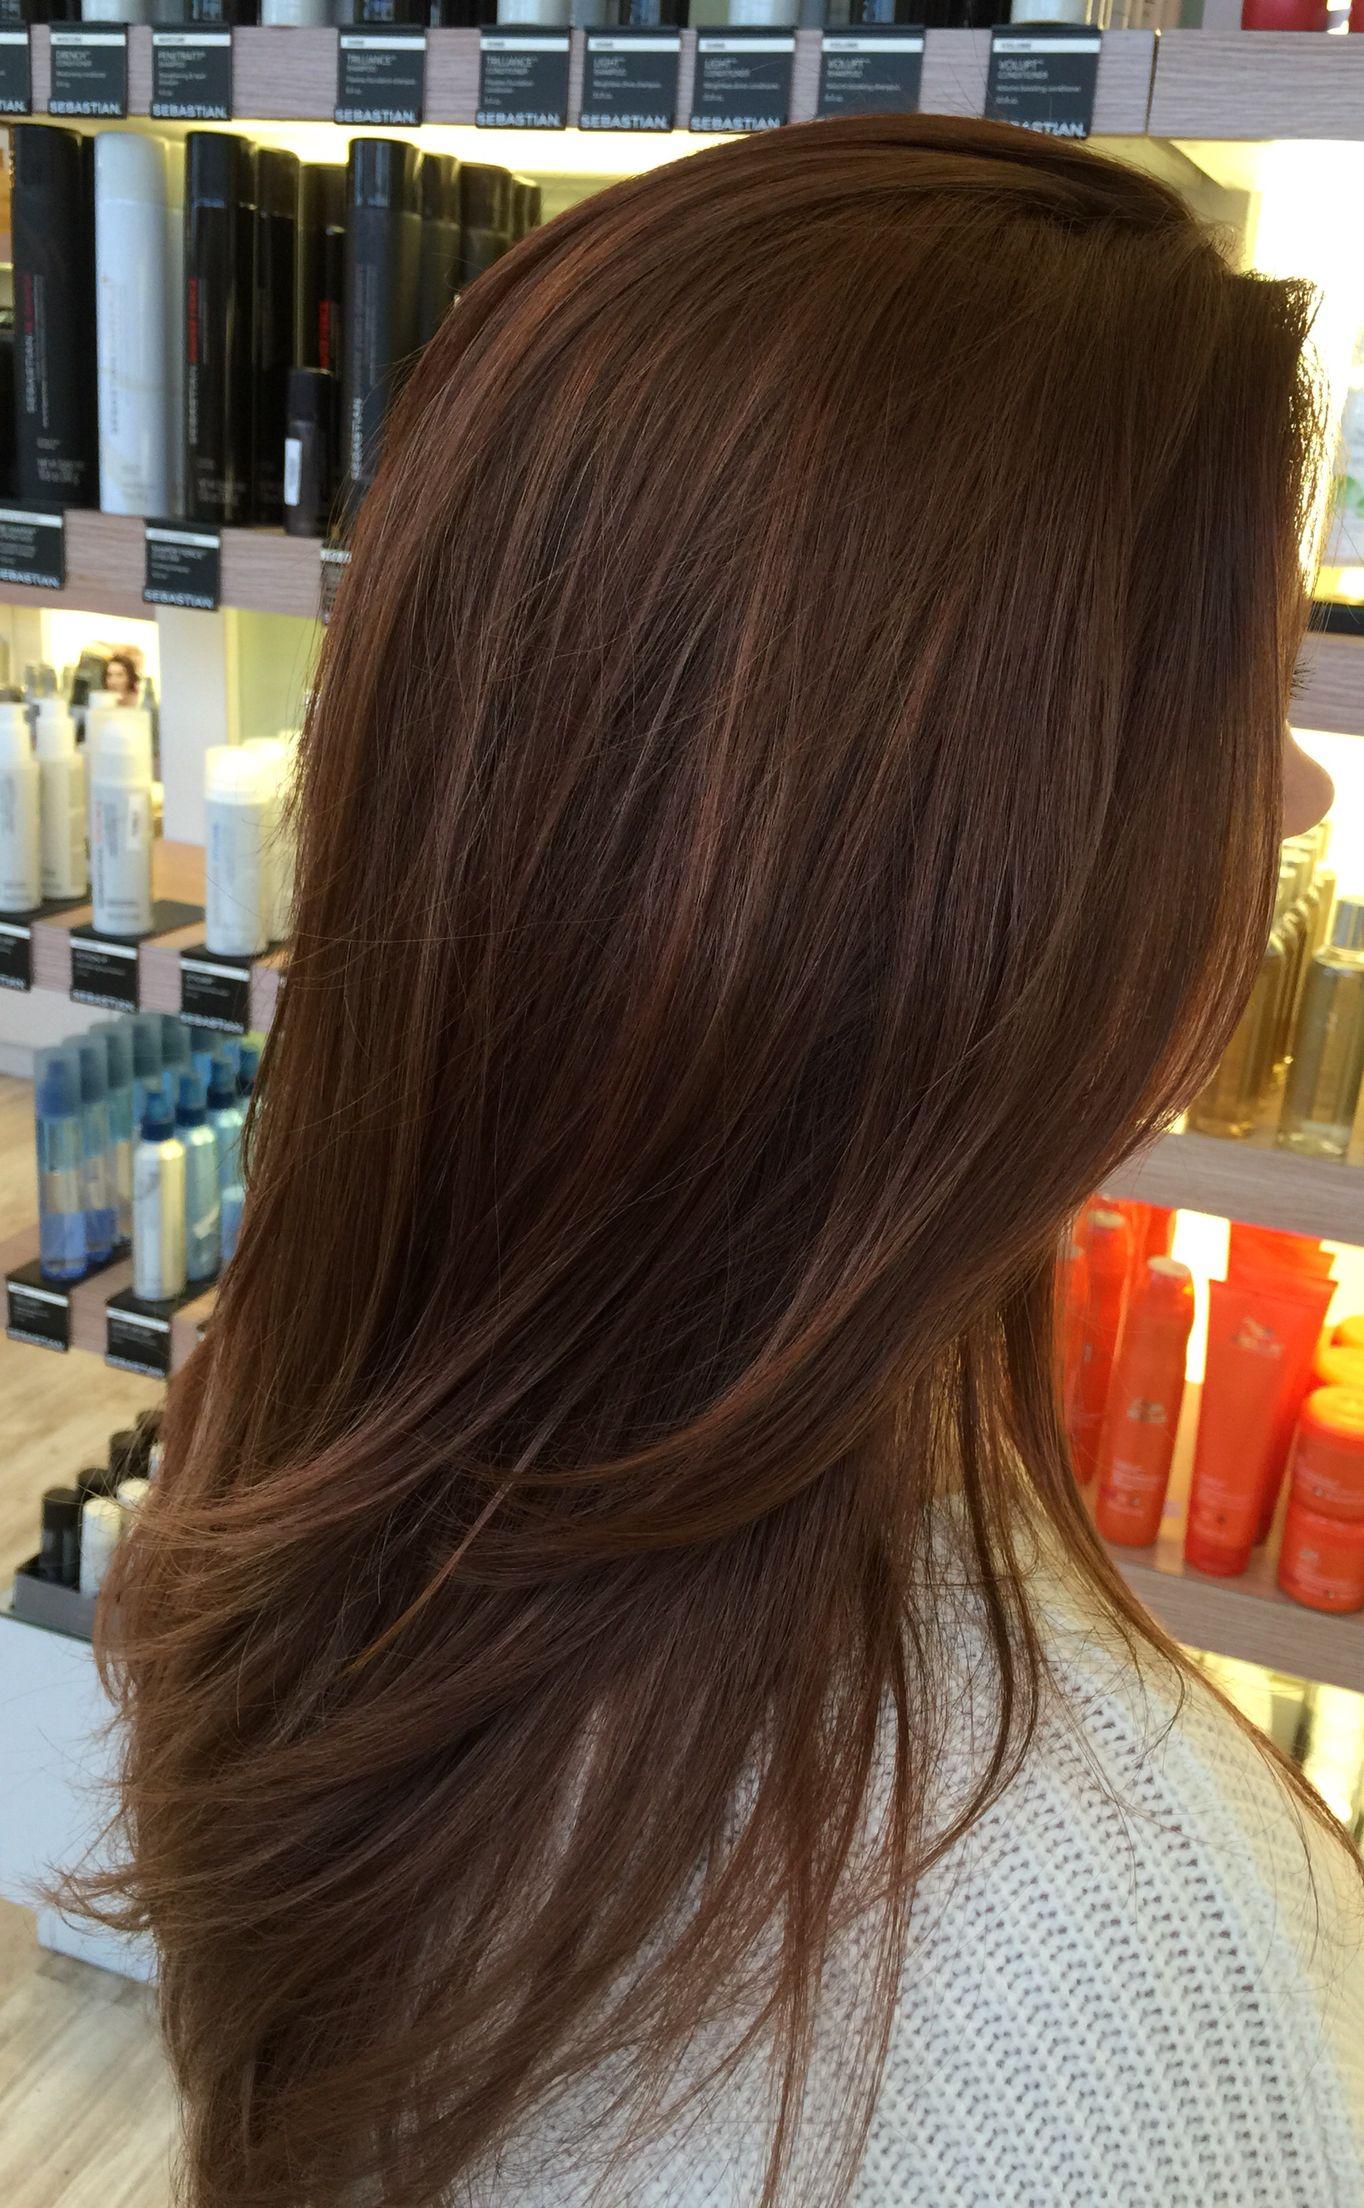 Reddish Brown Toner Redish Brown Hair Brunette Hair Color Pretty Hair Color